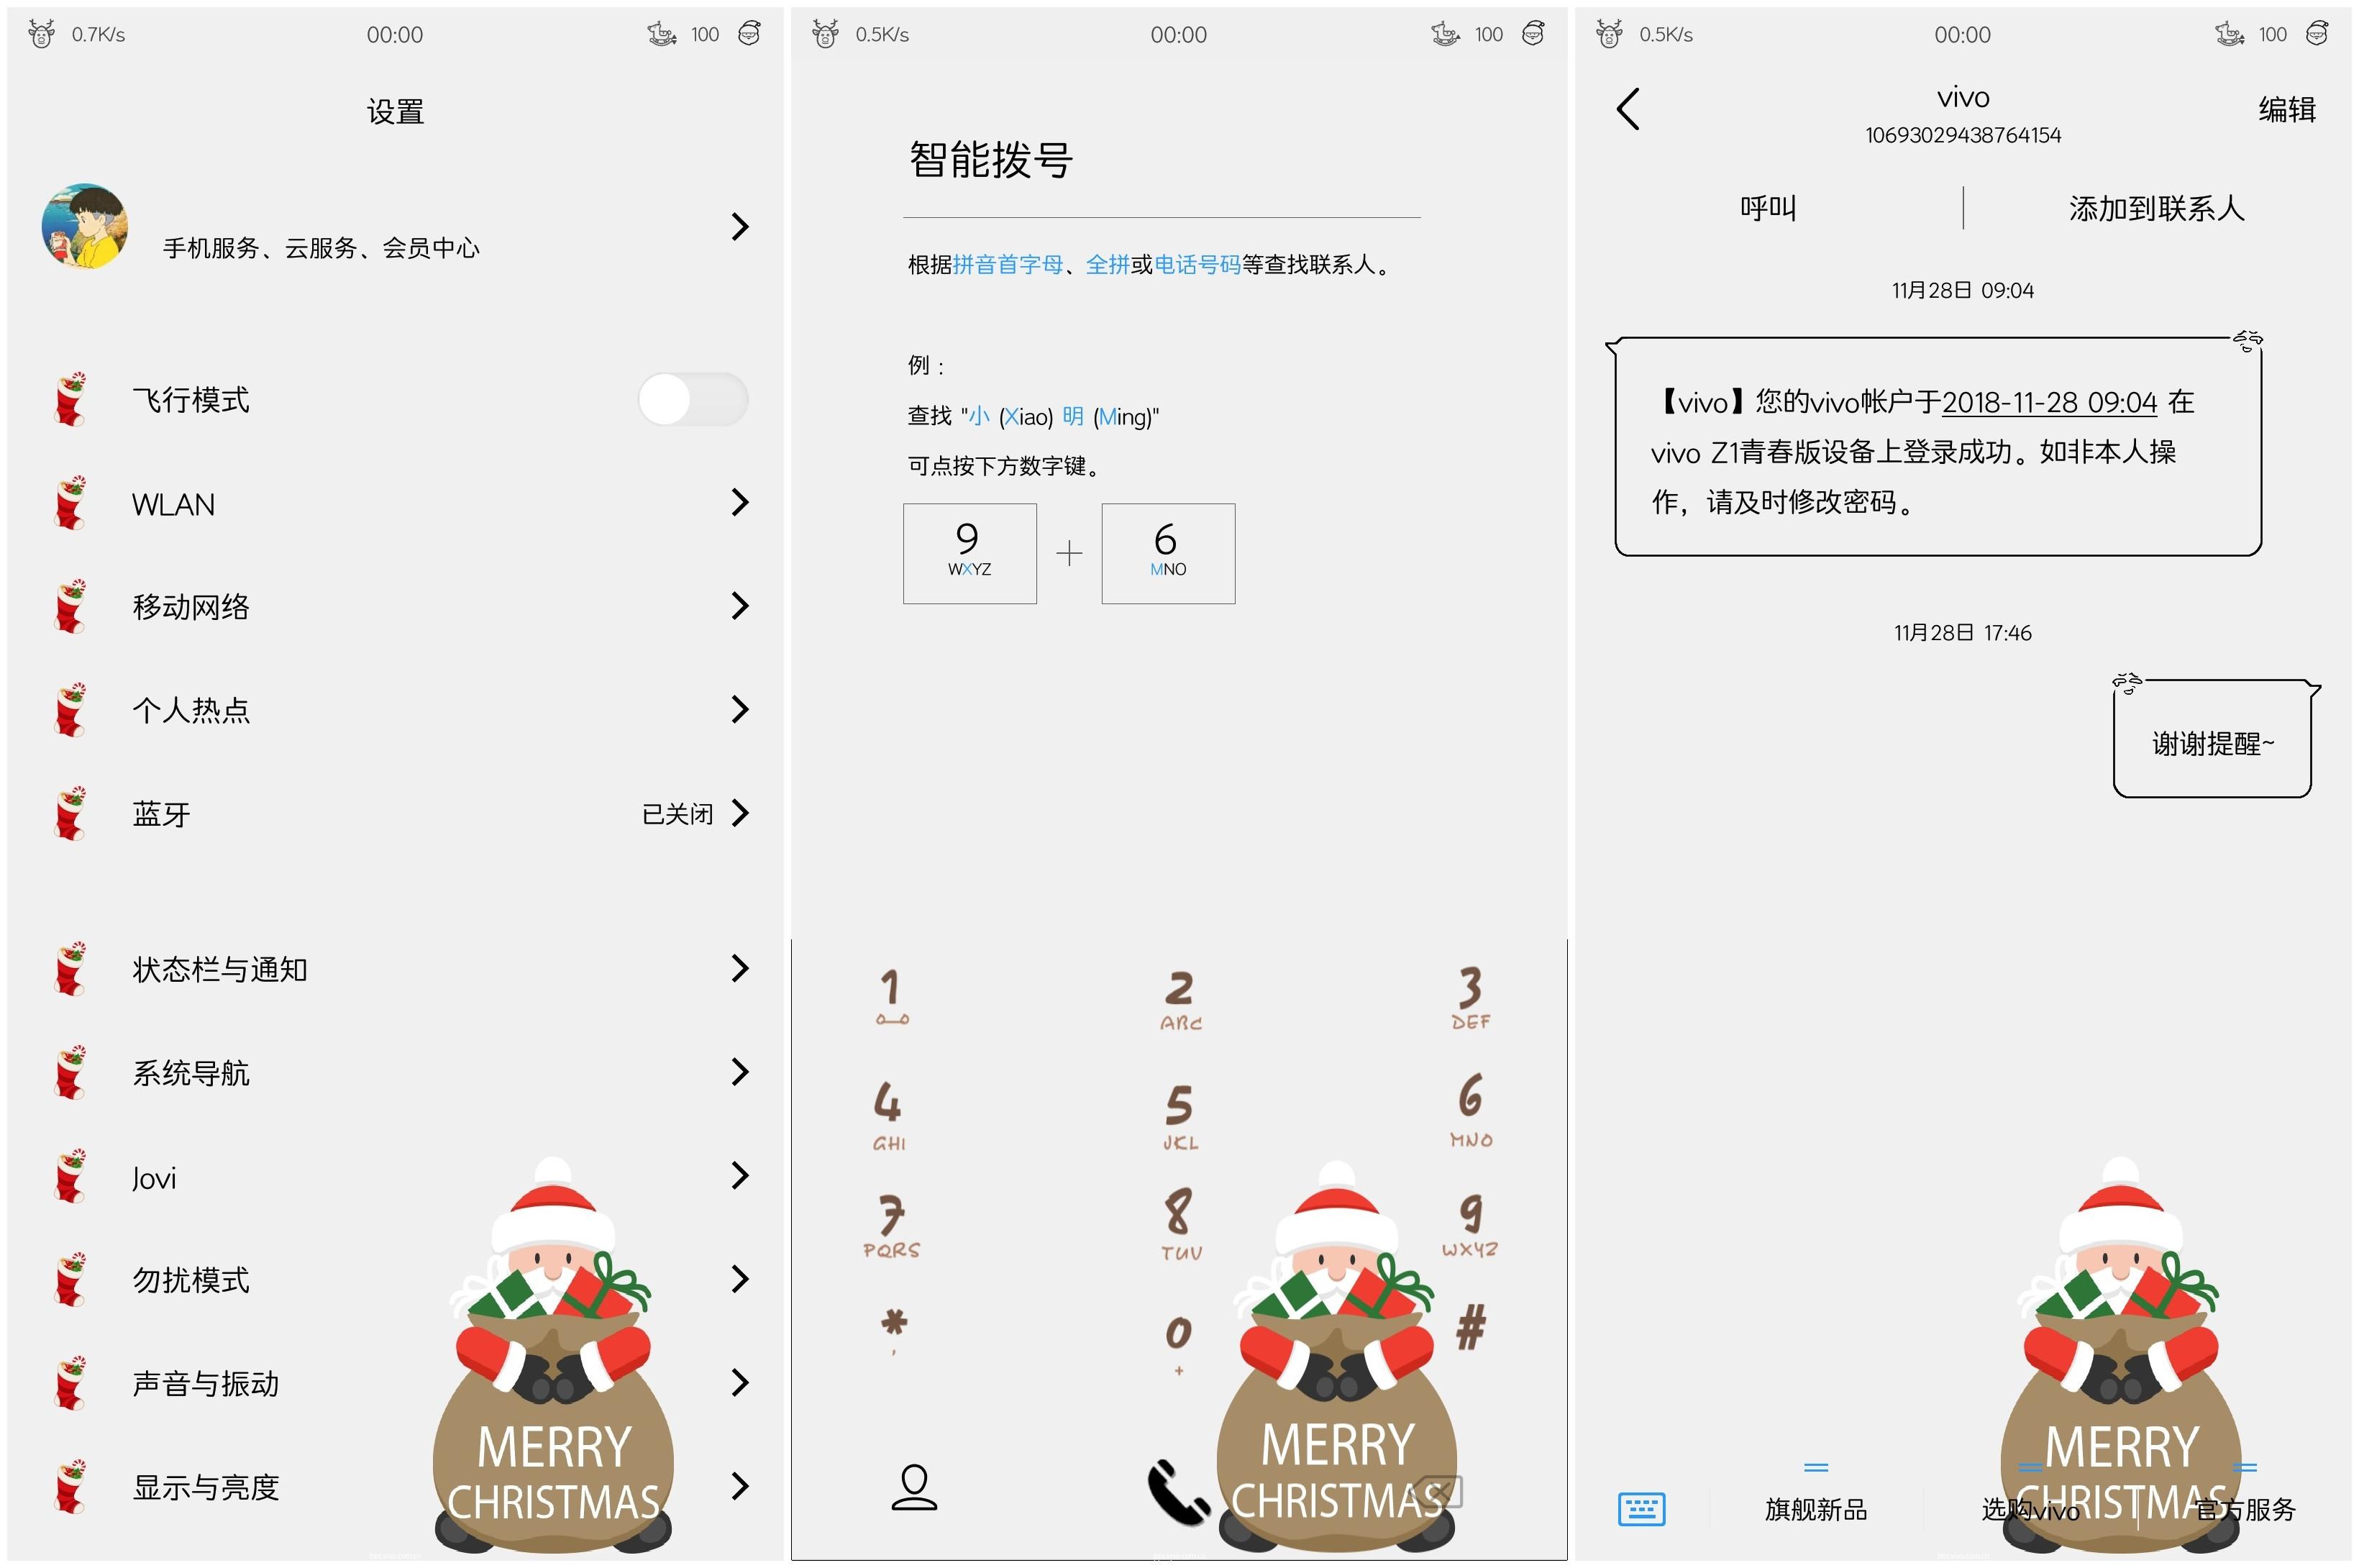 Screenshot_20190103_222616_副本.jpg